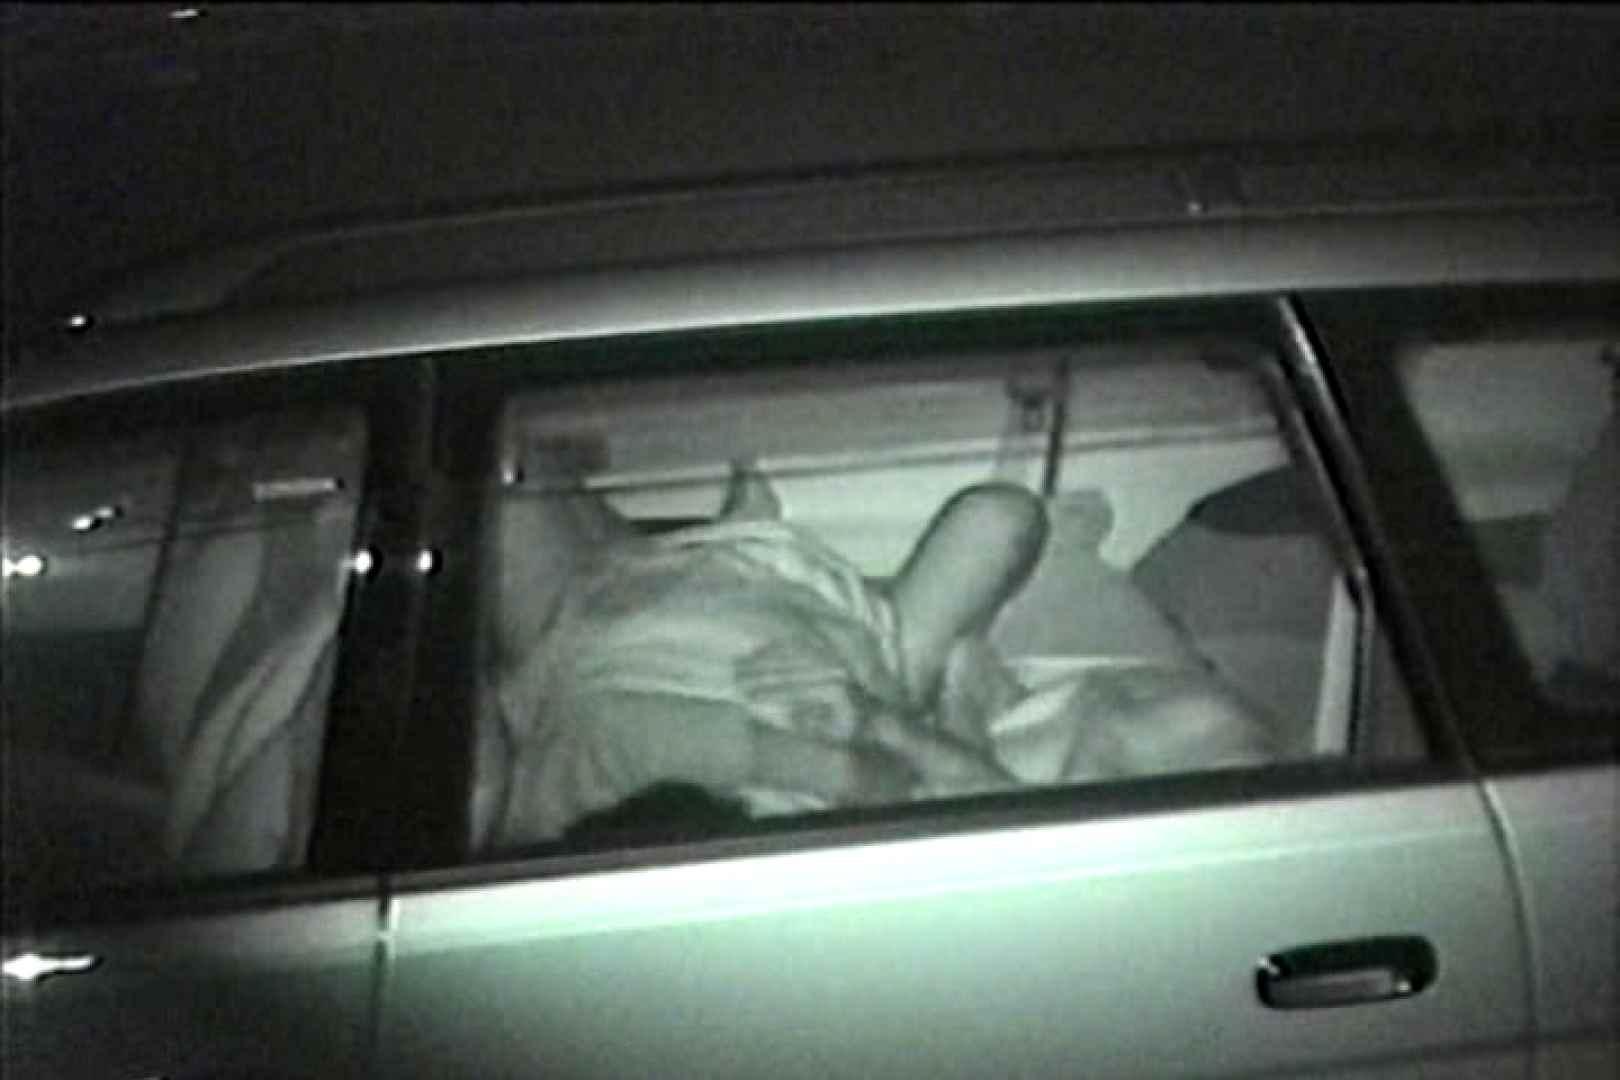 車の中はラブホテル 無修正版  Vol.7 感じるセックス のぞき動画画像 60連発 44